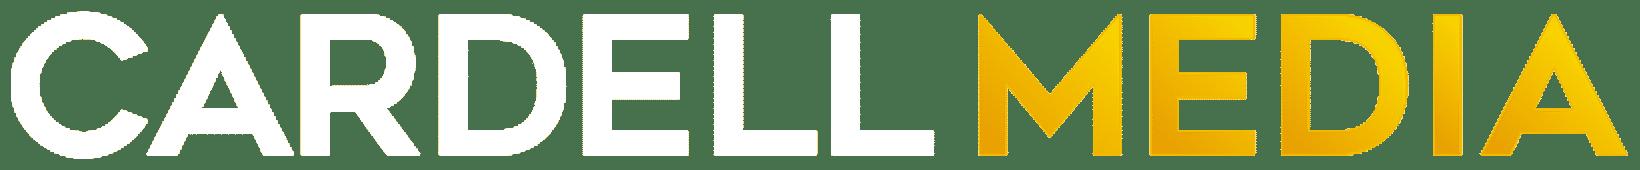 Cardellmedia Logo@2x